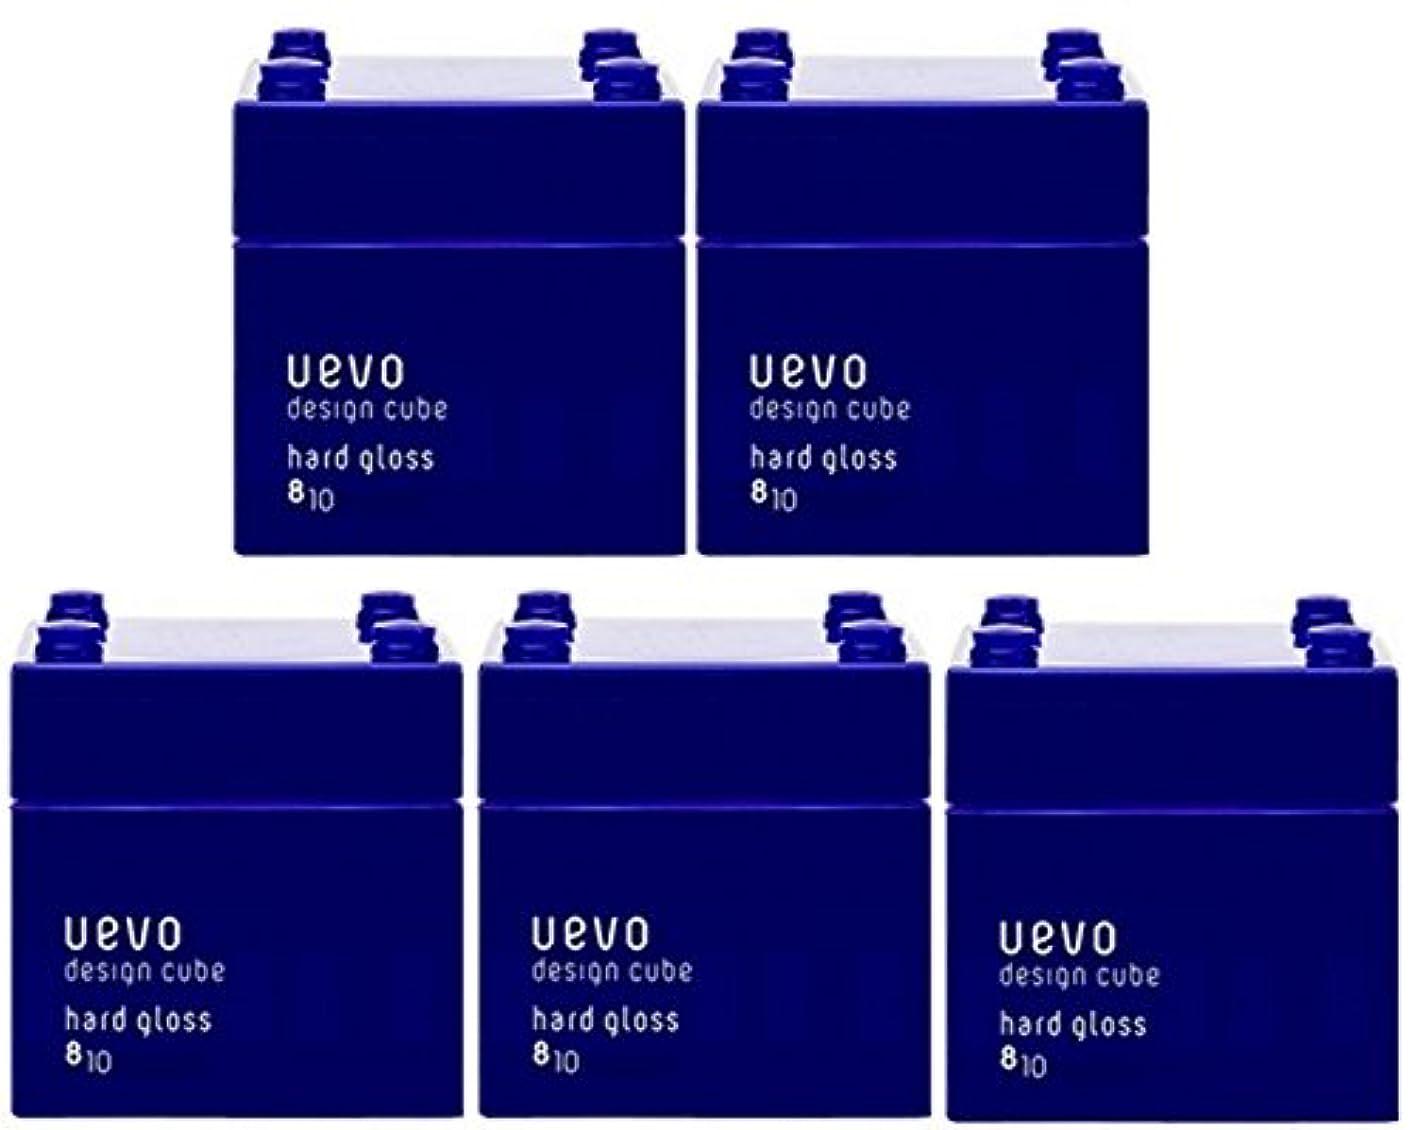 フィドルホイップお母さん【X5個セット】 デミ ウェーボ デザインキューブ ハードグロス 80g hard gloss DEMI uevo design cube